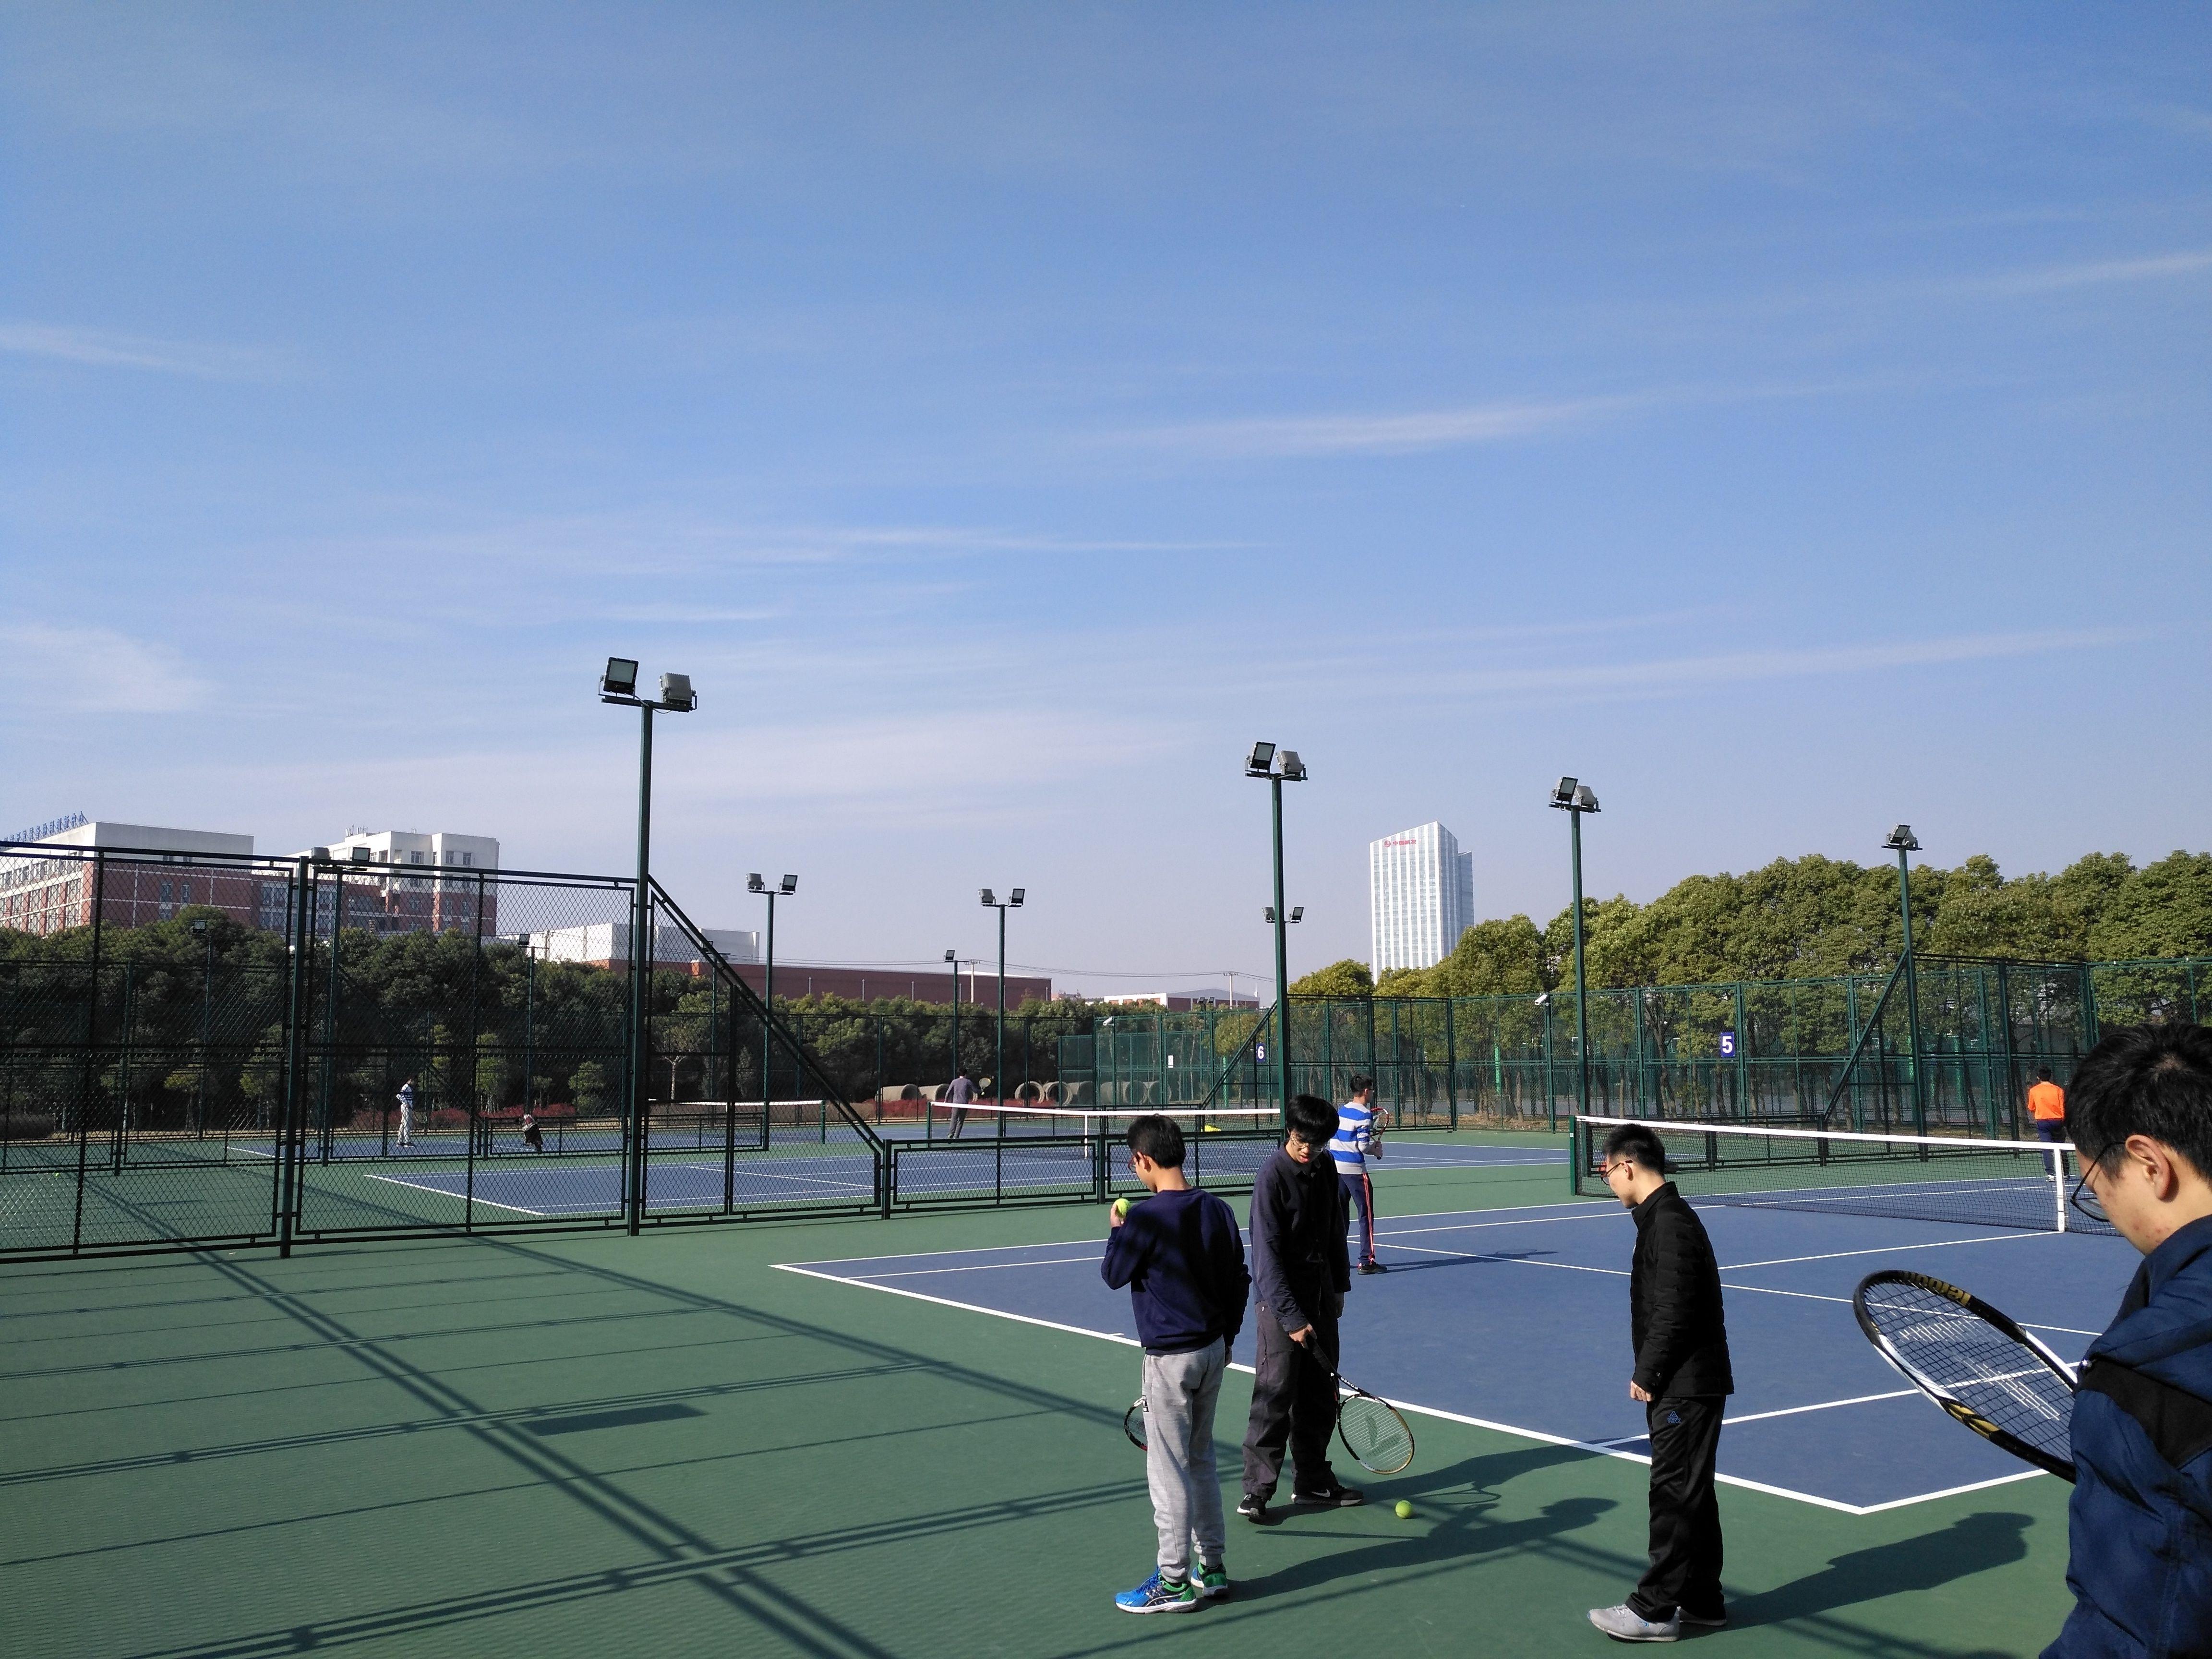 网球场照明的专业性如何体现,多杆布置是网球照明的关键吗?